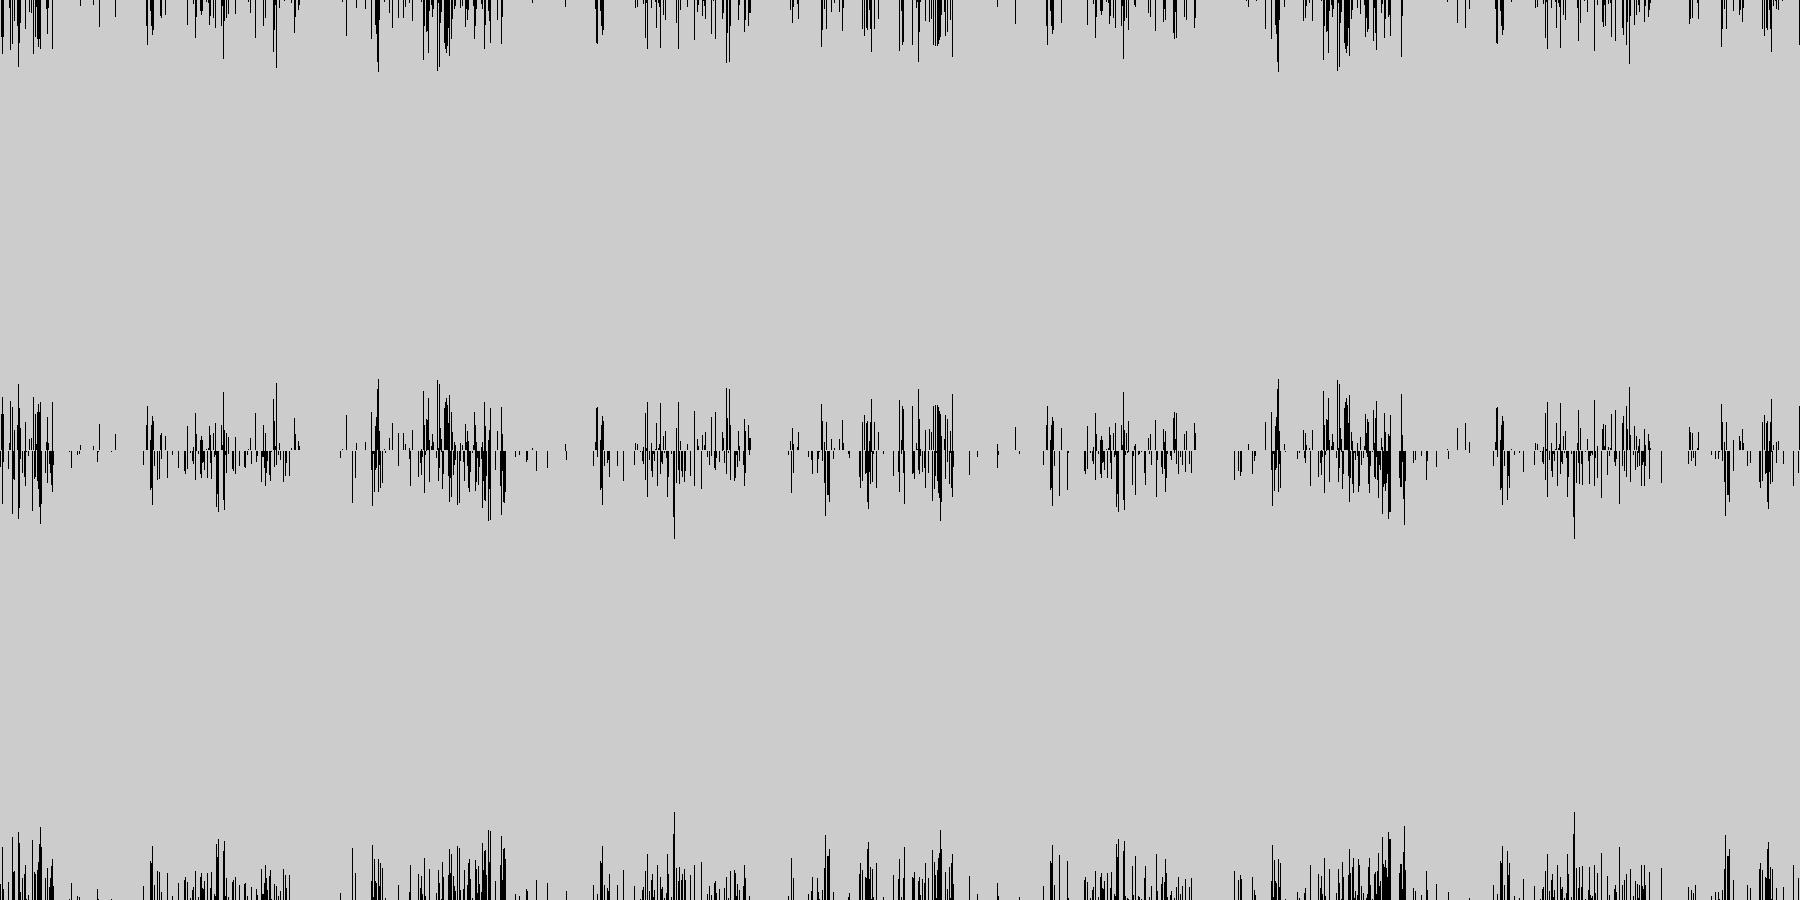 オーケストラ クワイヤー ループ の未再生の波形